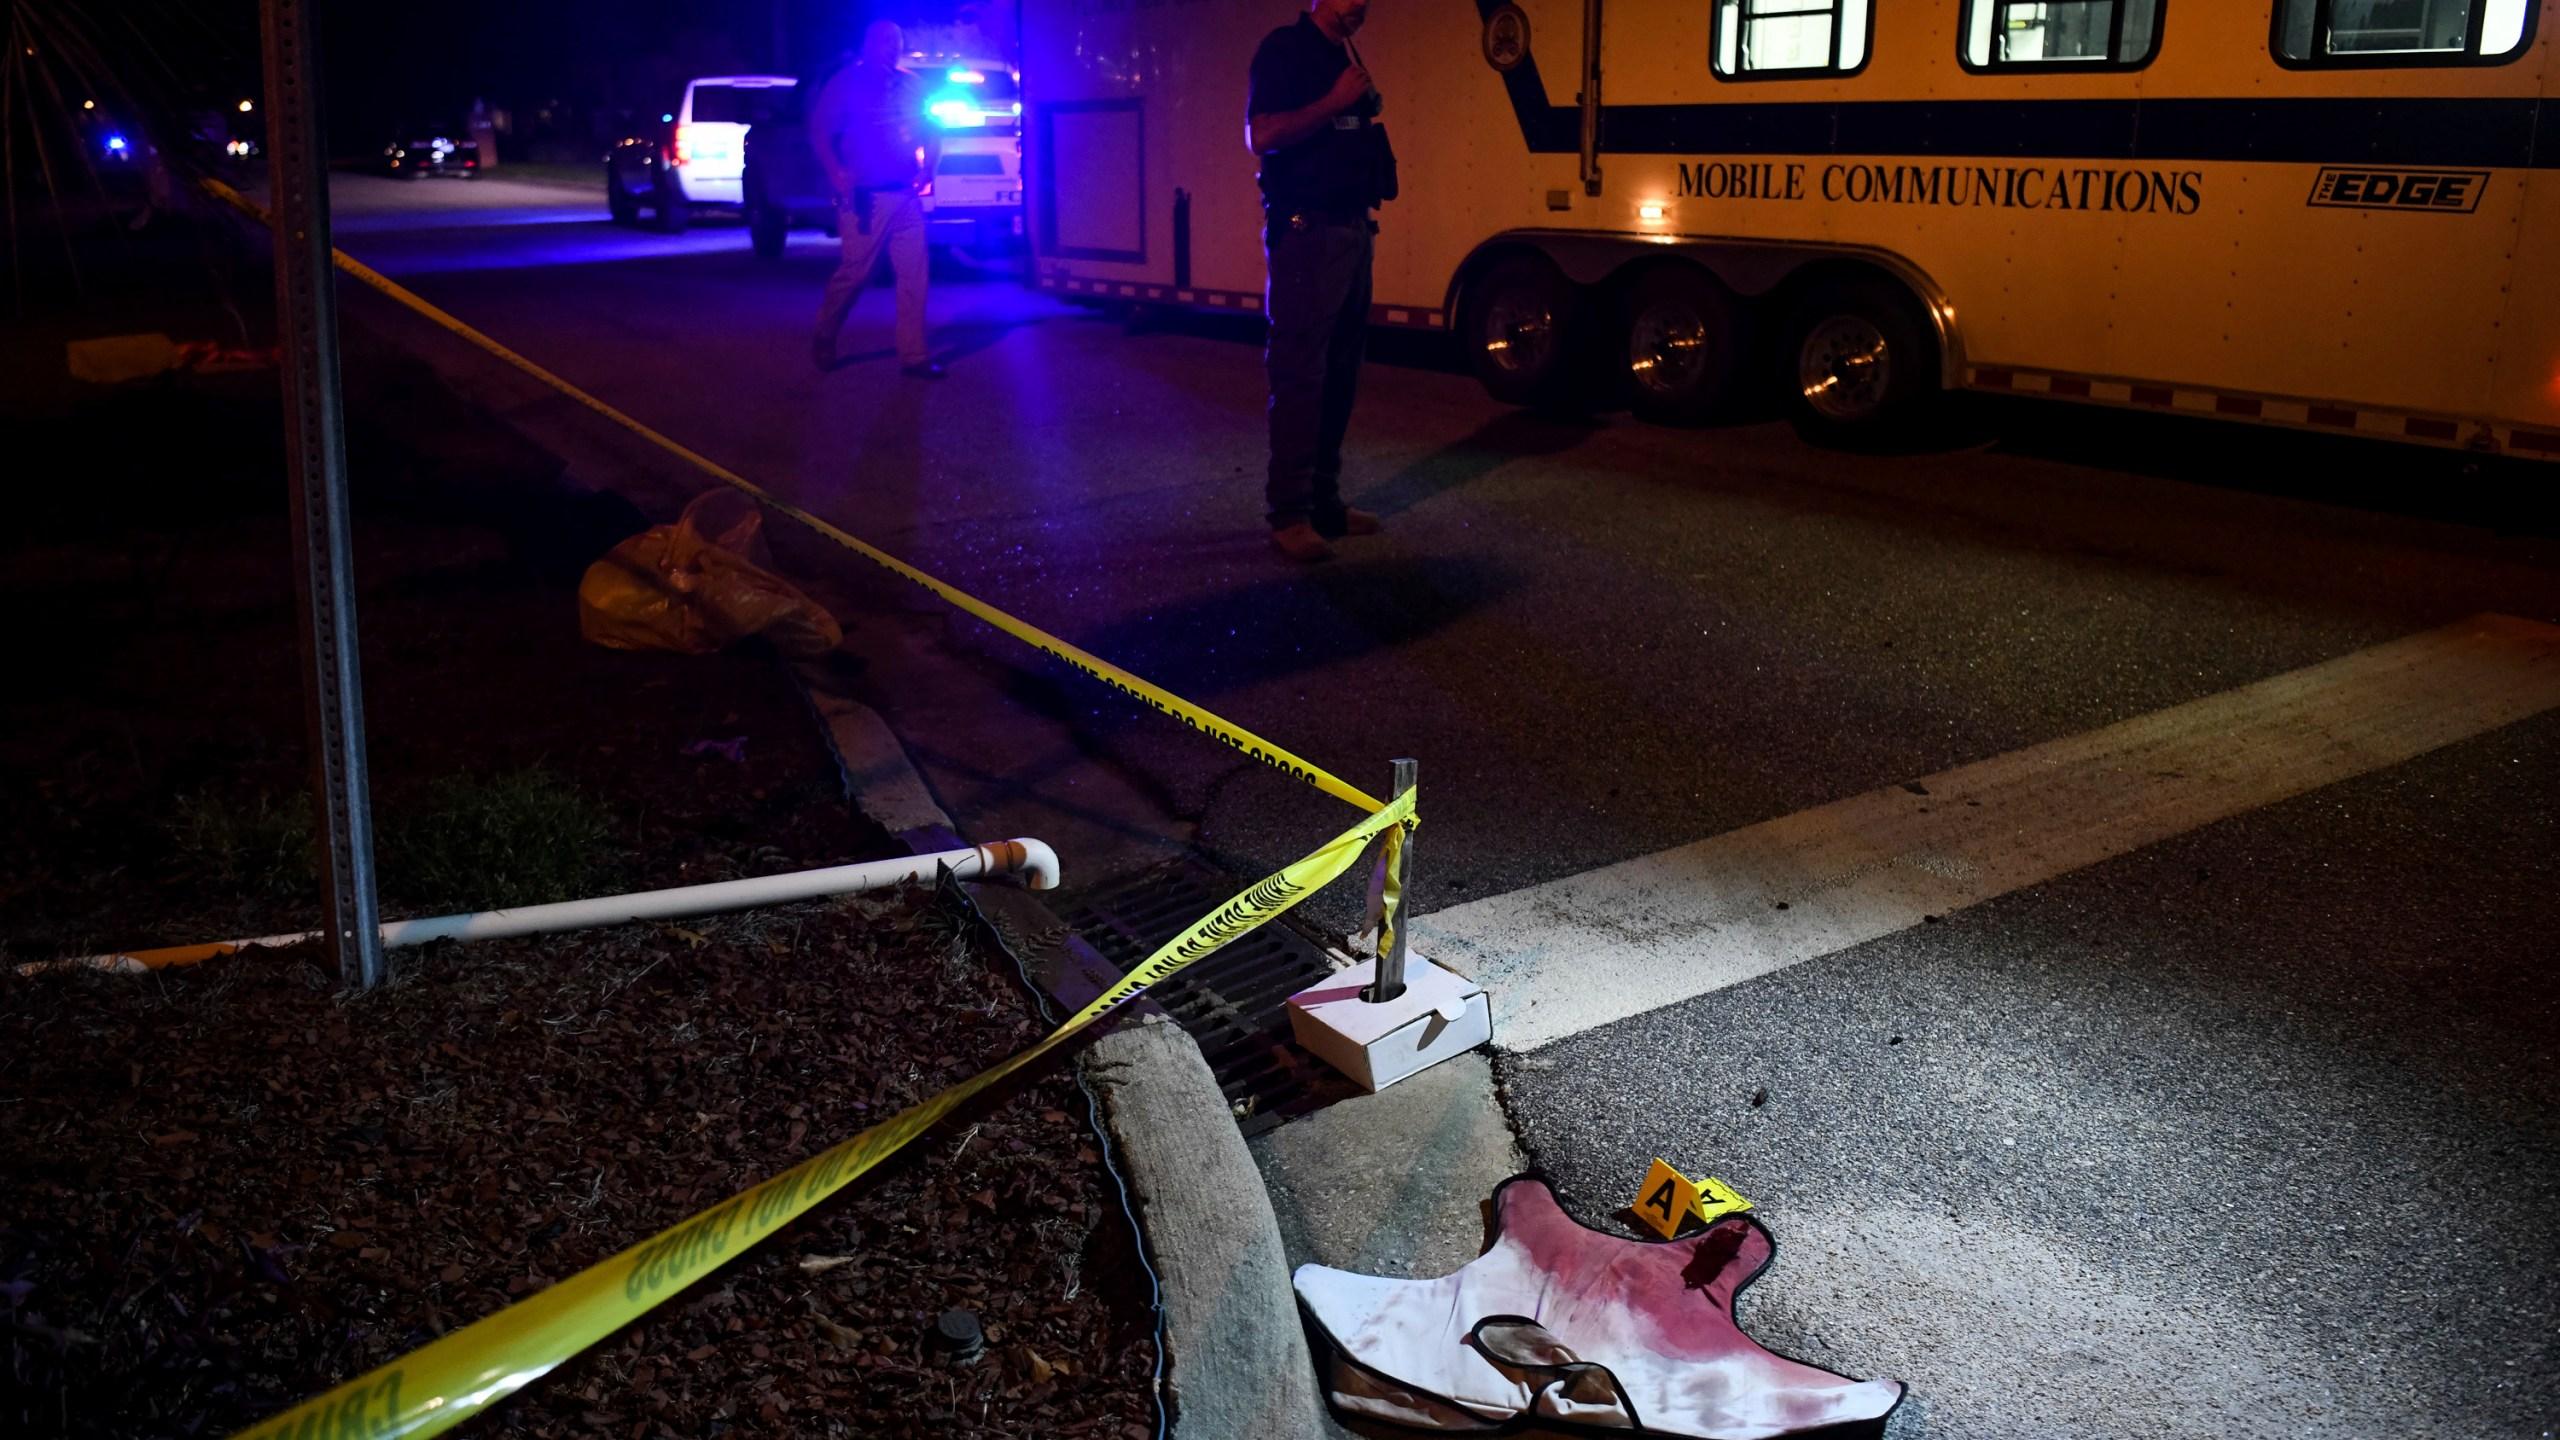 Police_Shooting_South_Carolina_21433-159532.jpg39569643